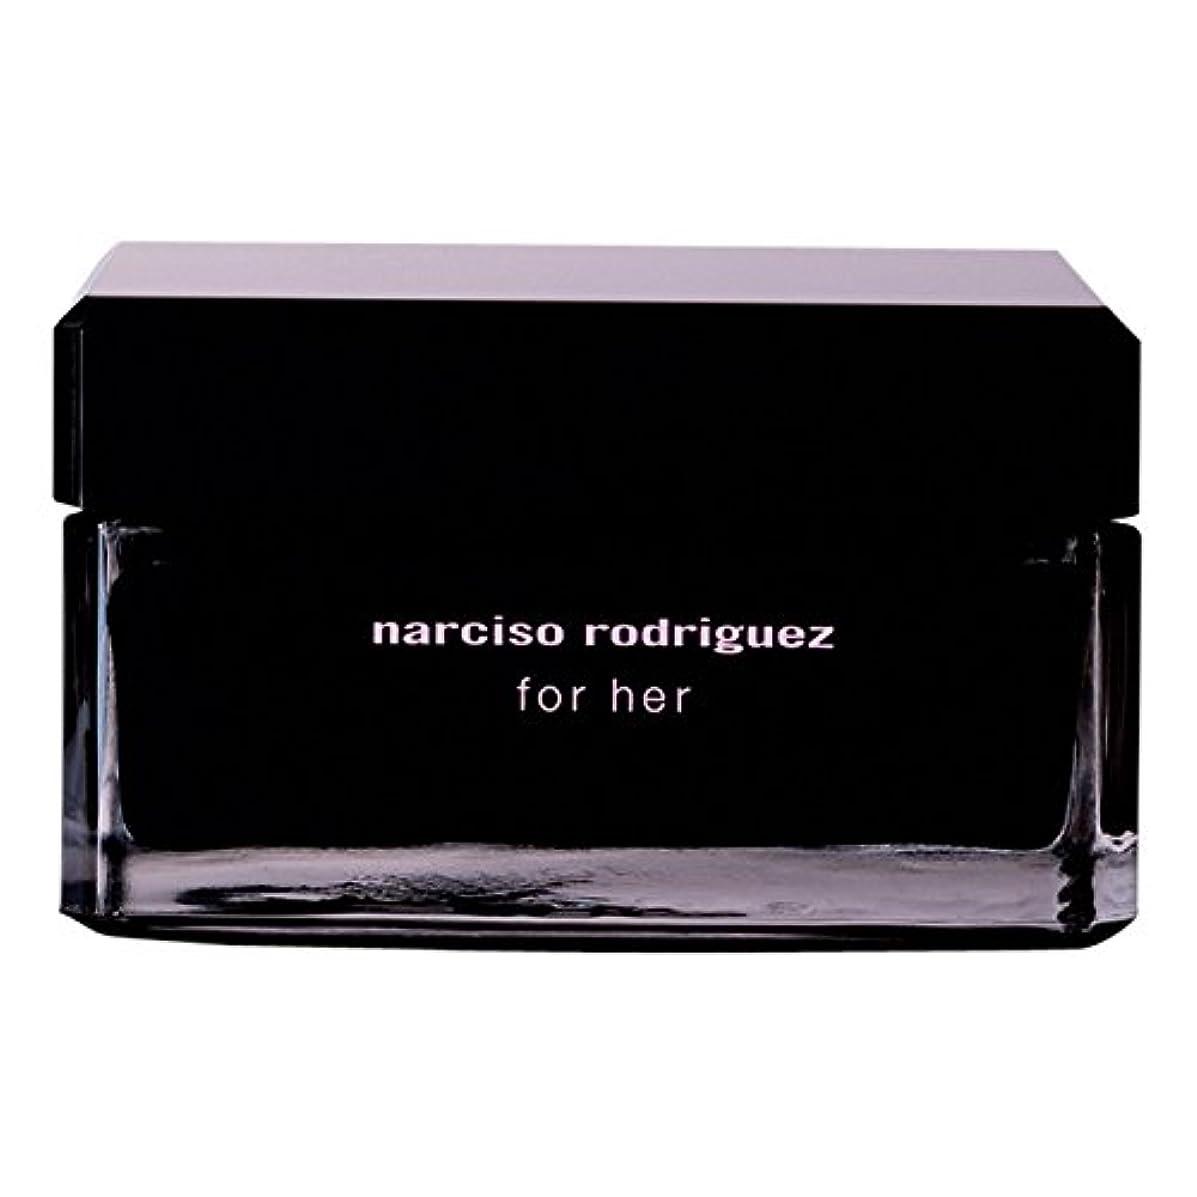 仮説スティーブンソンシーサイドナルシソ?ロドリゲスボディクリーム150ミリリットル (Narciso Rodriguez) (x6) - Narciso Rodriguez Body Cream 150ml (Pack of 6) [並行輸入品]